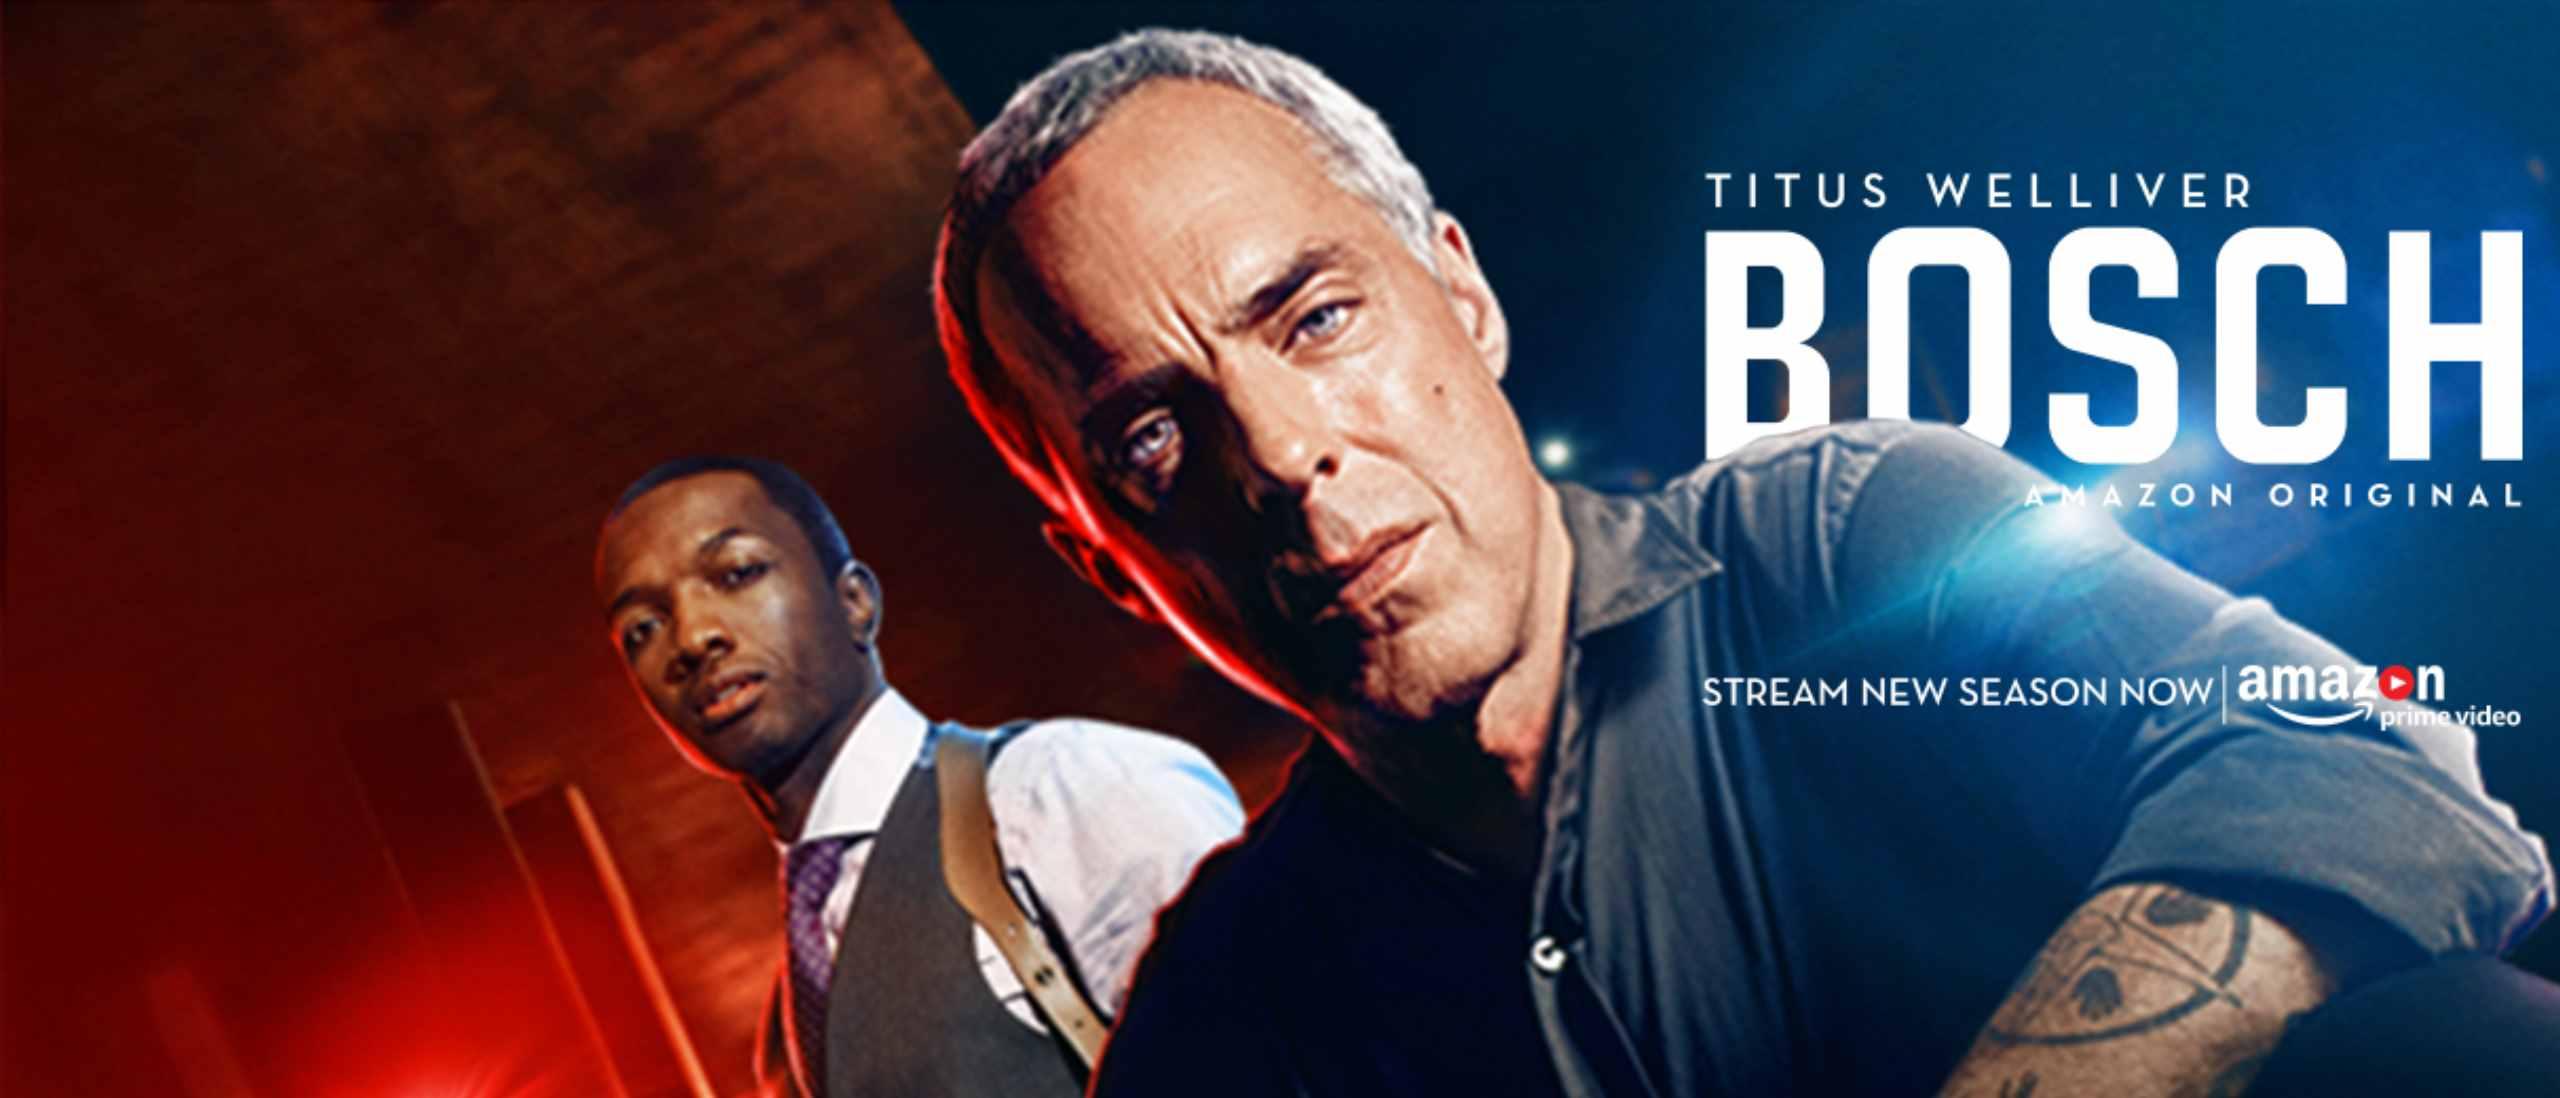 Bosch Season 1 Watch Online Free